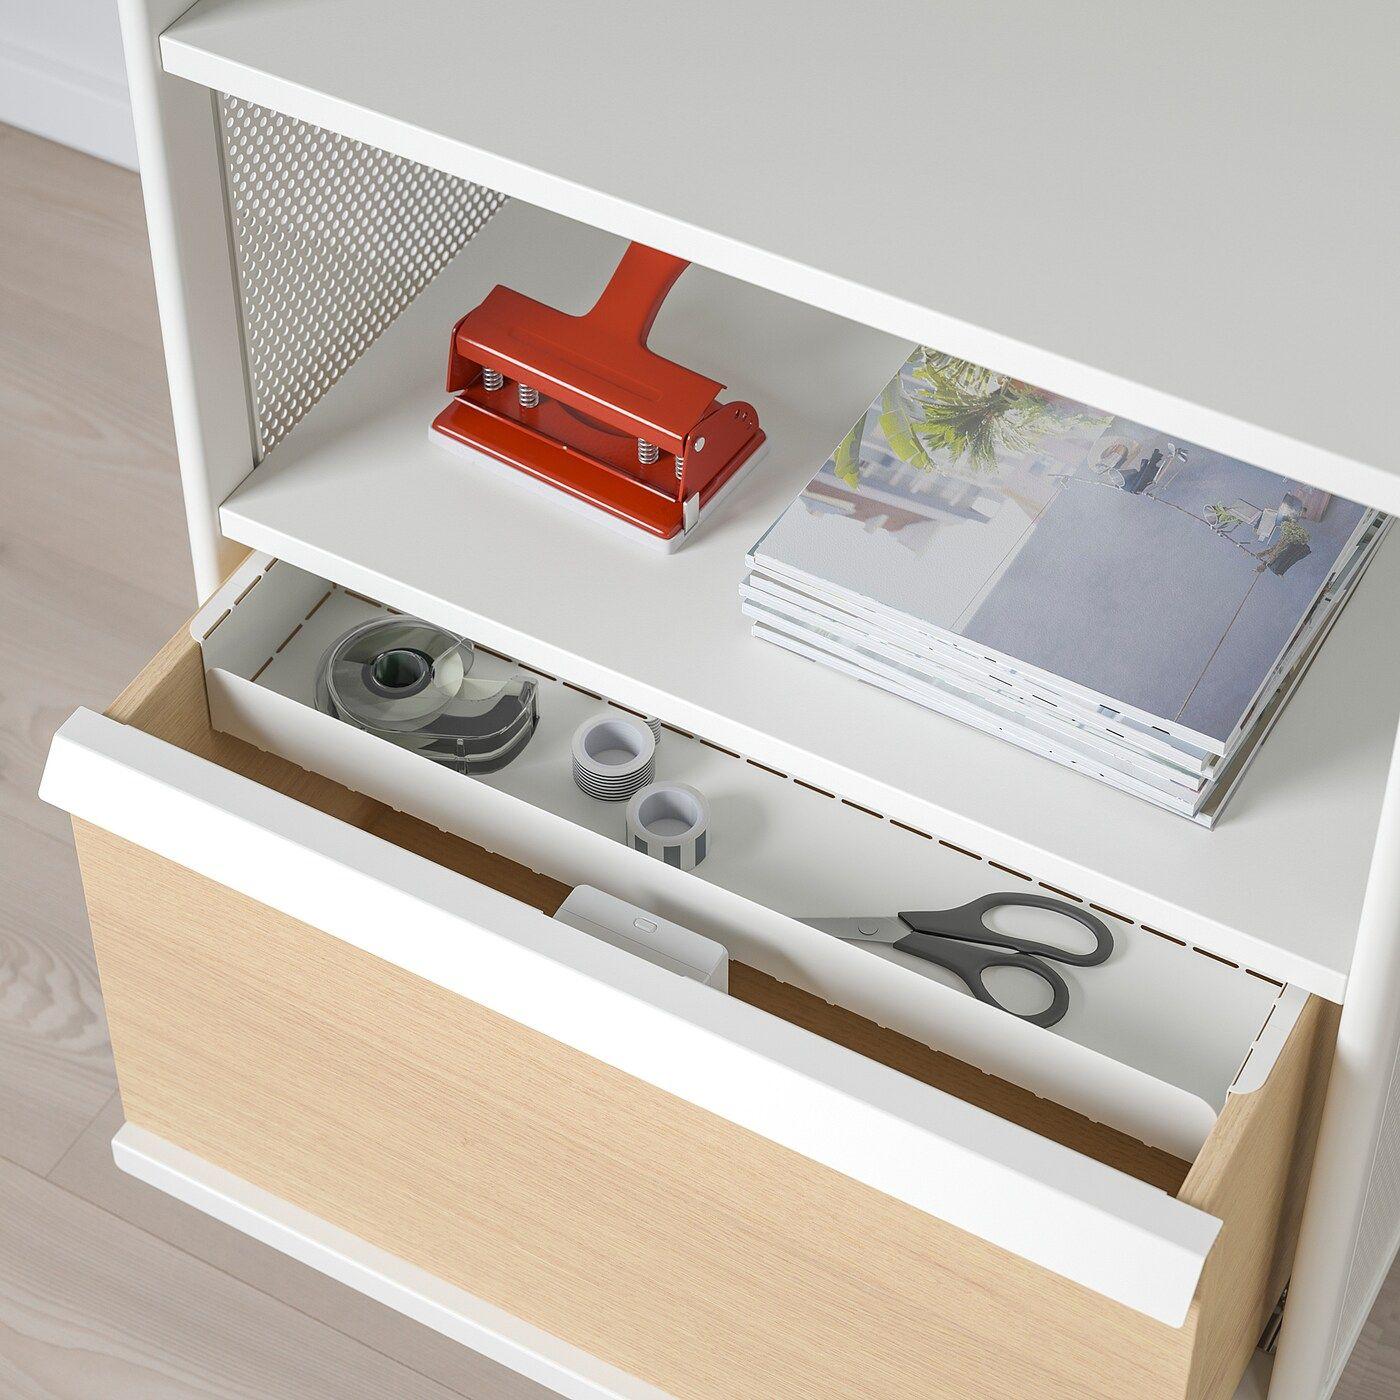 Bekant Aufbewahrung Mit Nfc Schloss Netz Weiss In 2020 Ikea